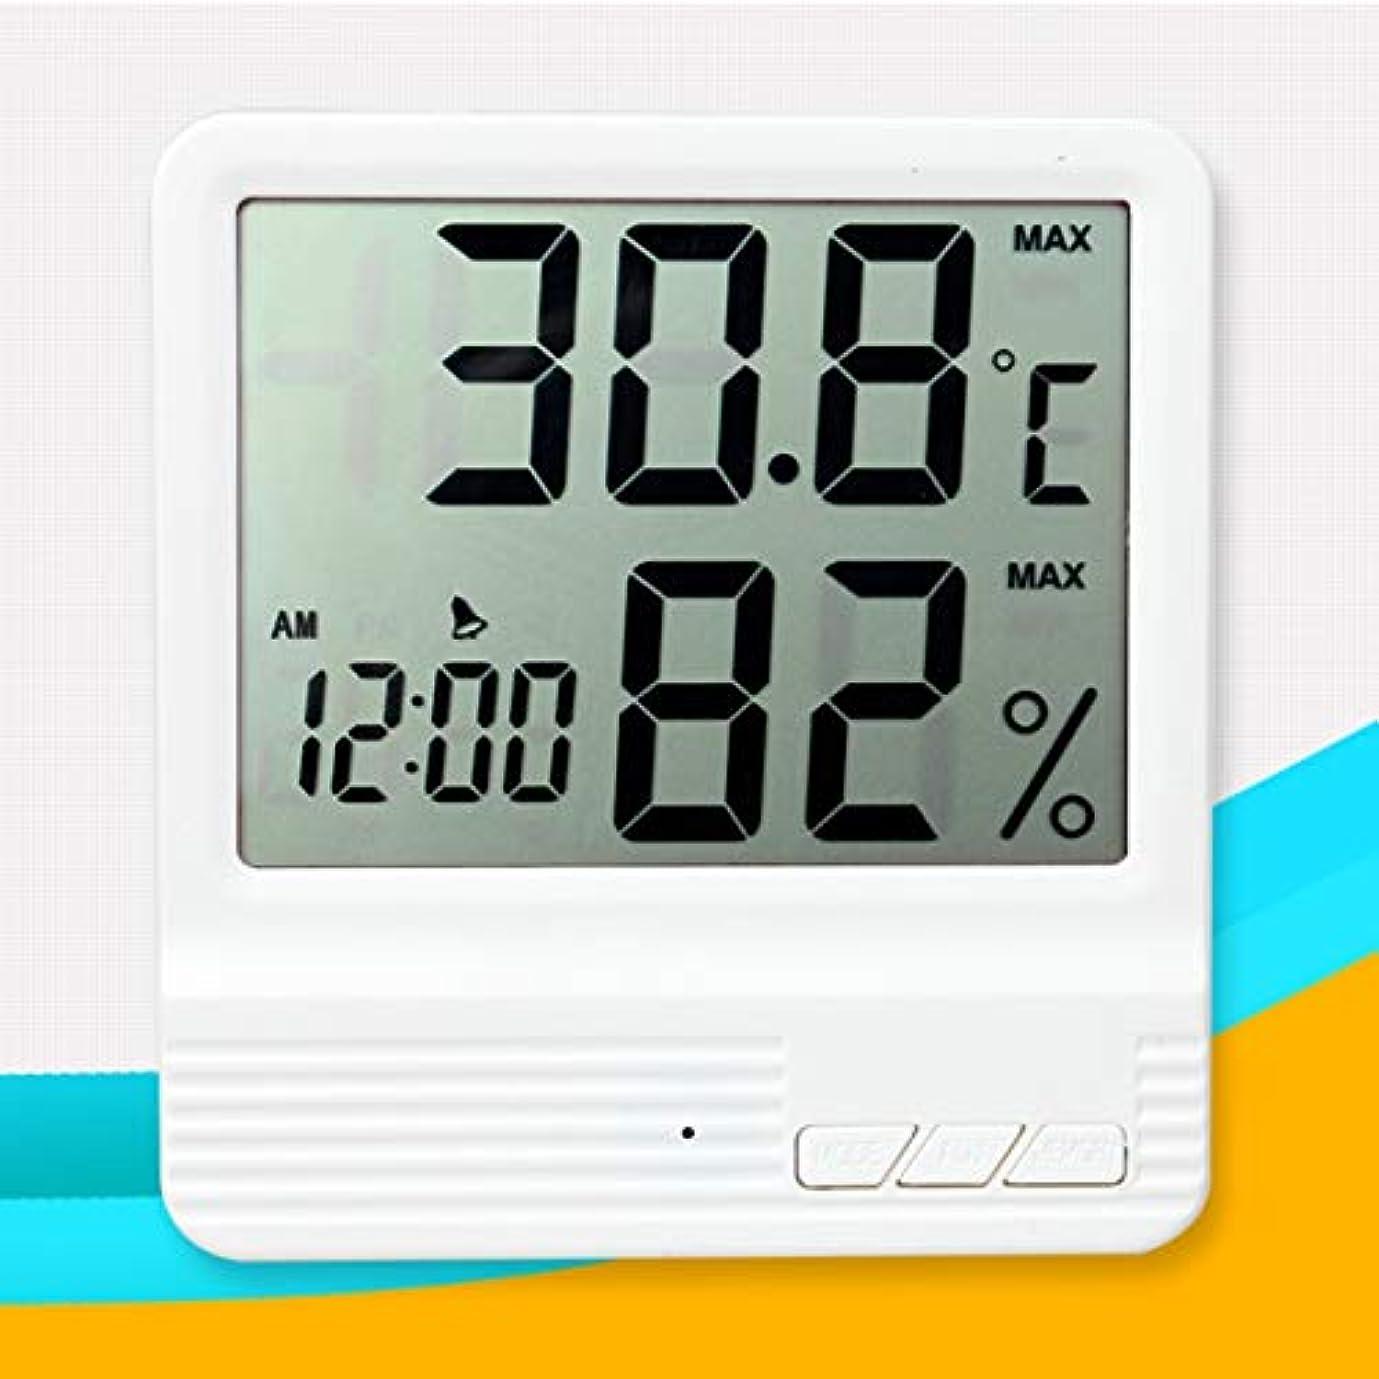 ペダル壊滅的な便宜Saikogoods 電子体温計湿度計 デジタルディスプレイ 温度湿度モニター アラーム時計 屋内家庭用 白